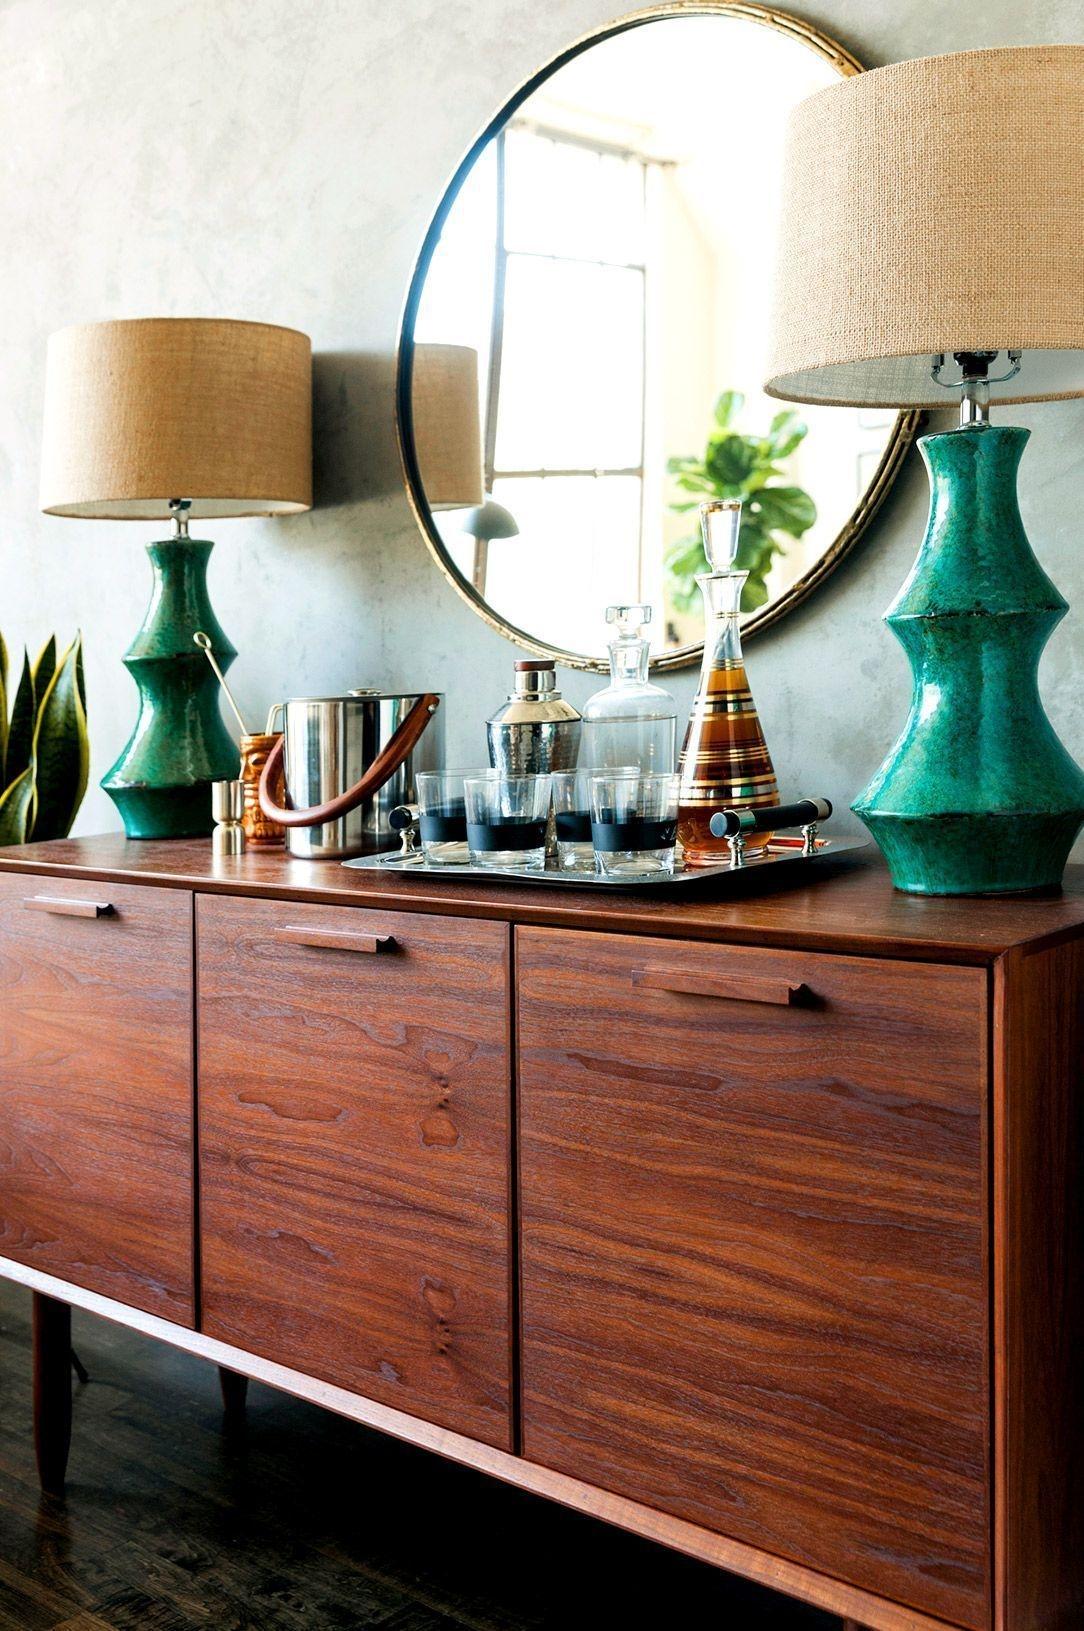 Amazing Mid Century Bedroom Design For Interior Design Ideas 38